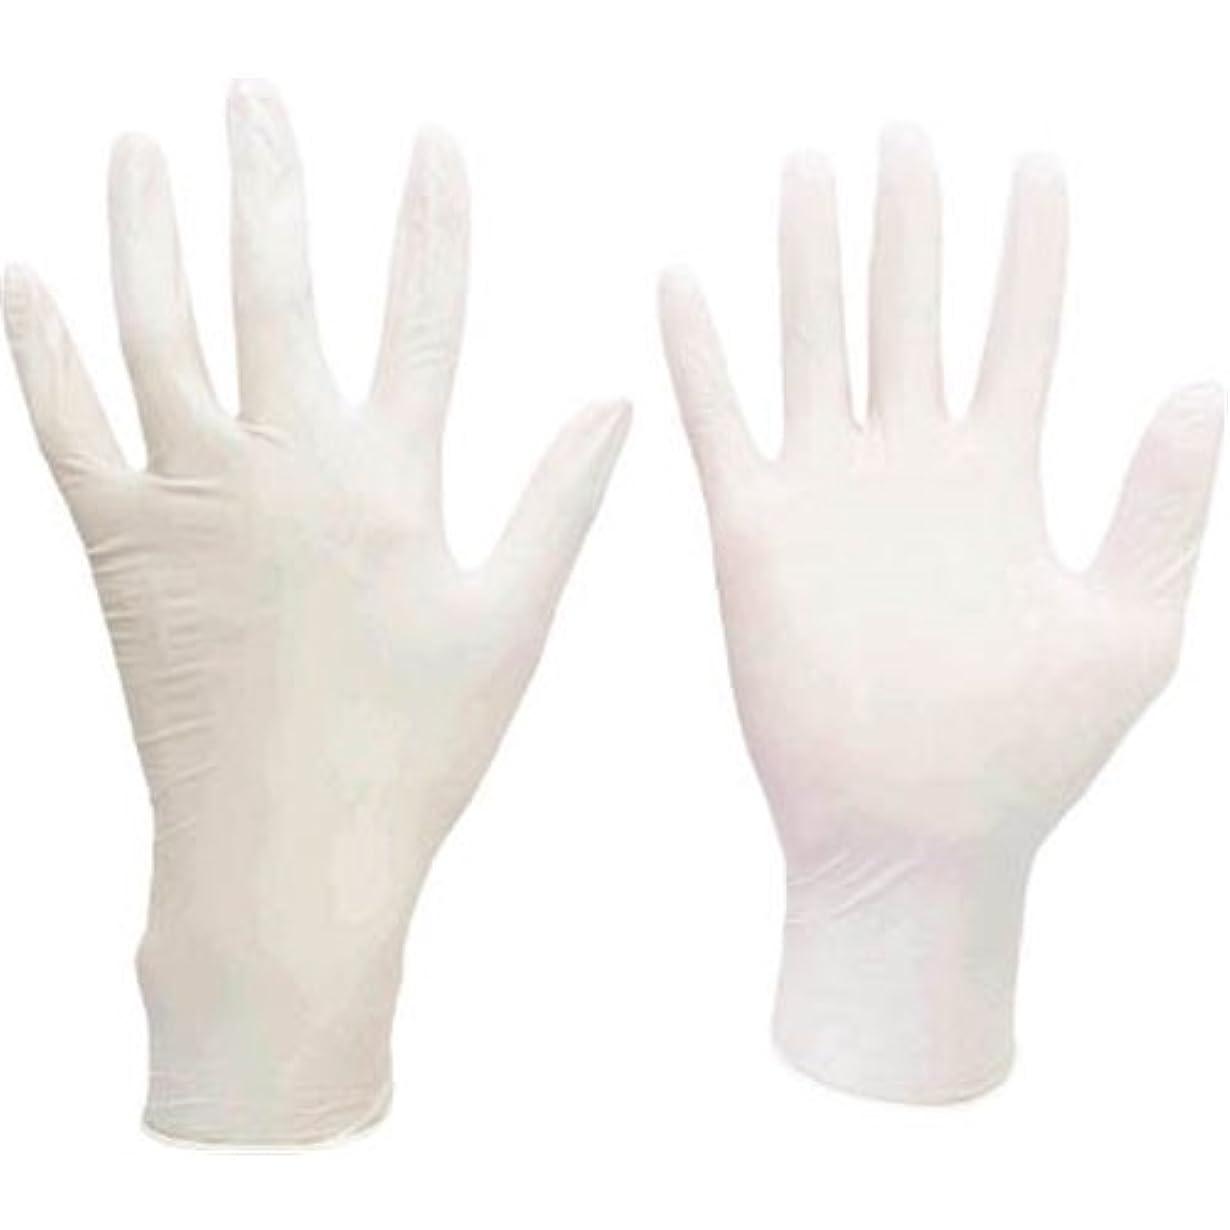 バリアどこにも教育ミドリ安全/ミドリ安全 ニトリル使い捨て手袋 極薄 粉なし 100枚入 白 M(3889084) VERTE-711-M